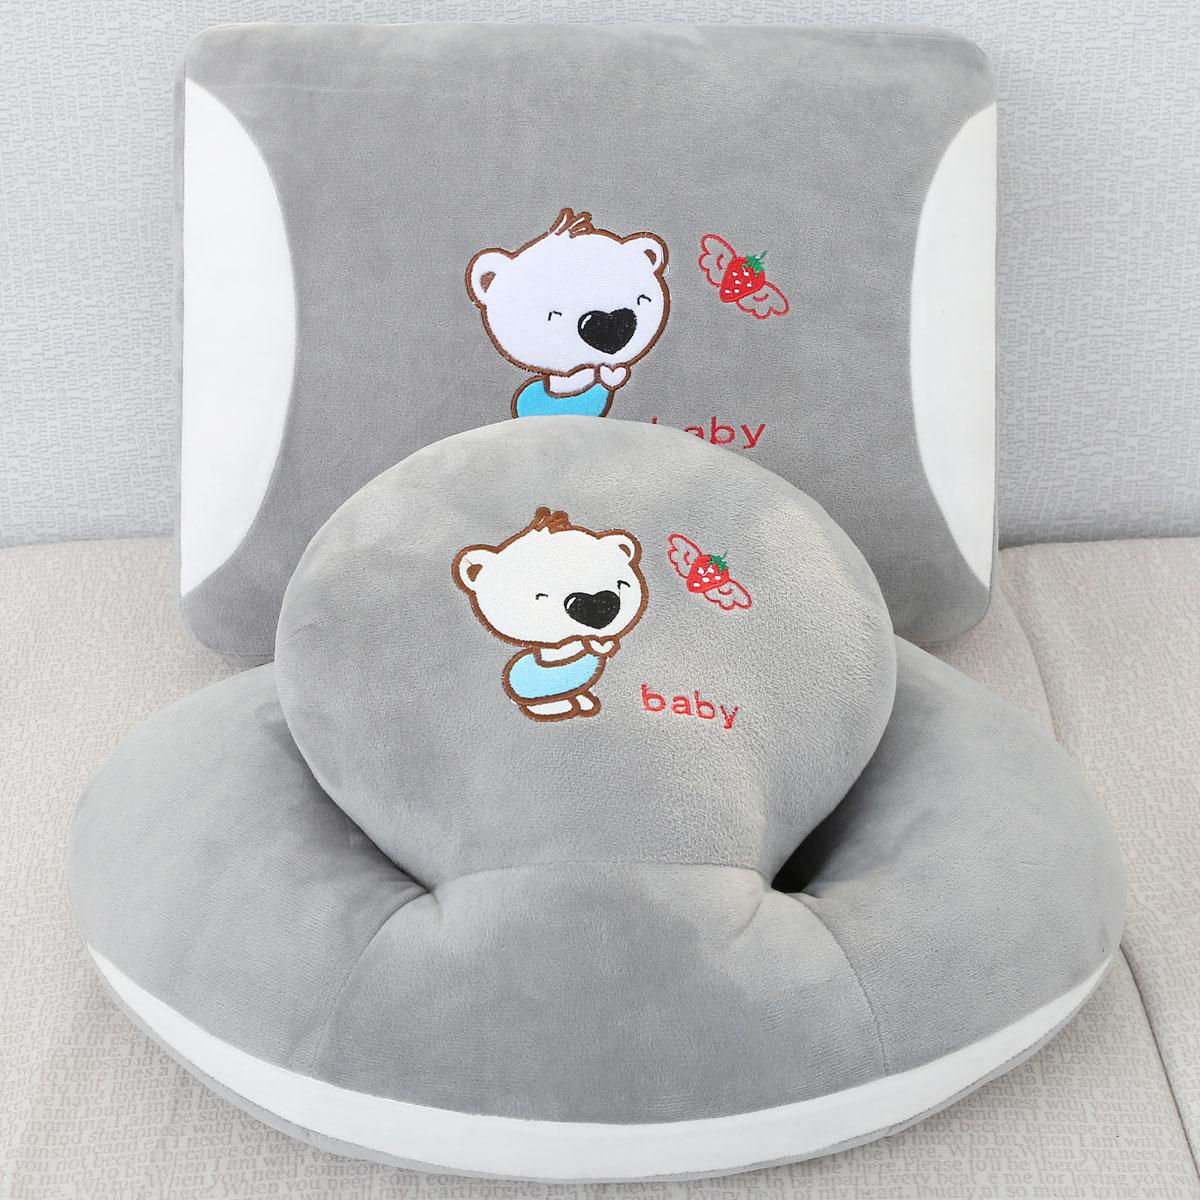 可爱办公室护腰垫背卡通抱枕靠垫沙发靠枕午休午睡枕头趴趴枕套装